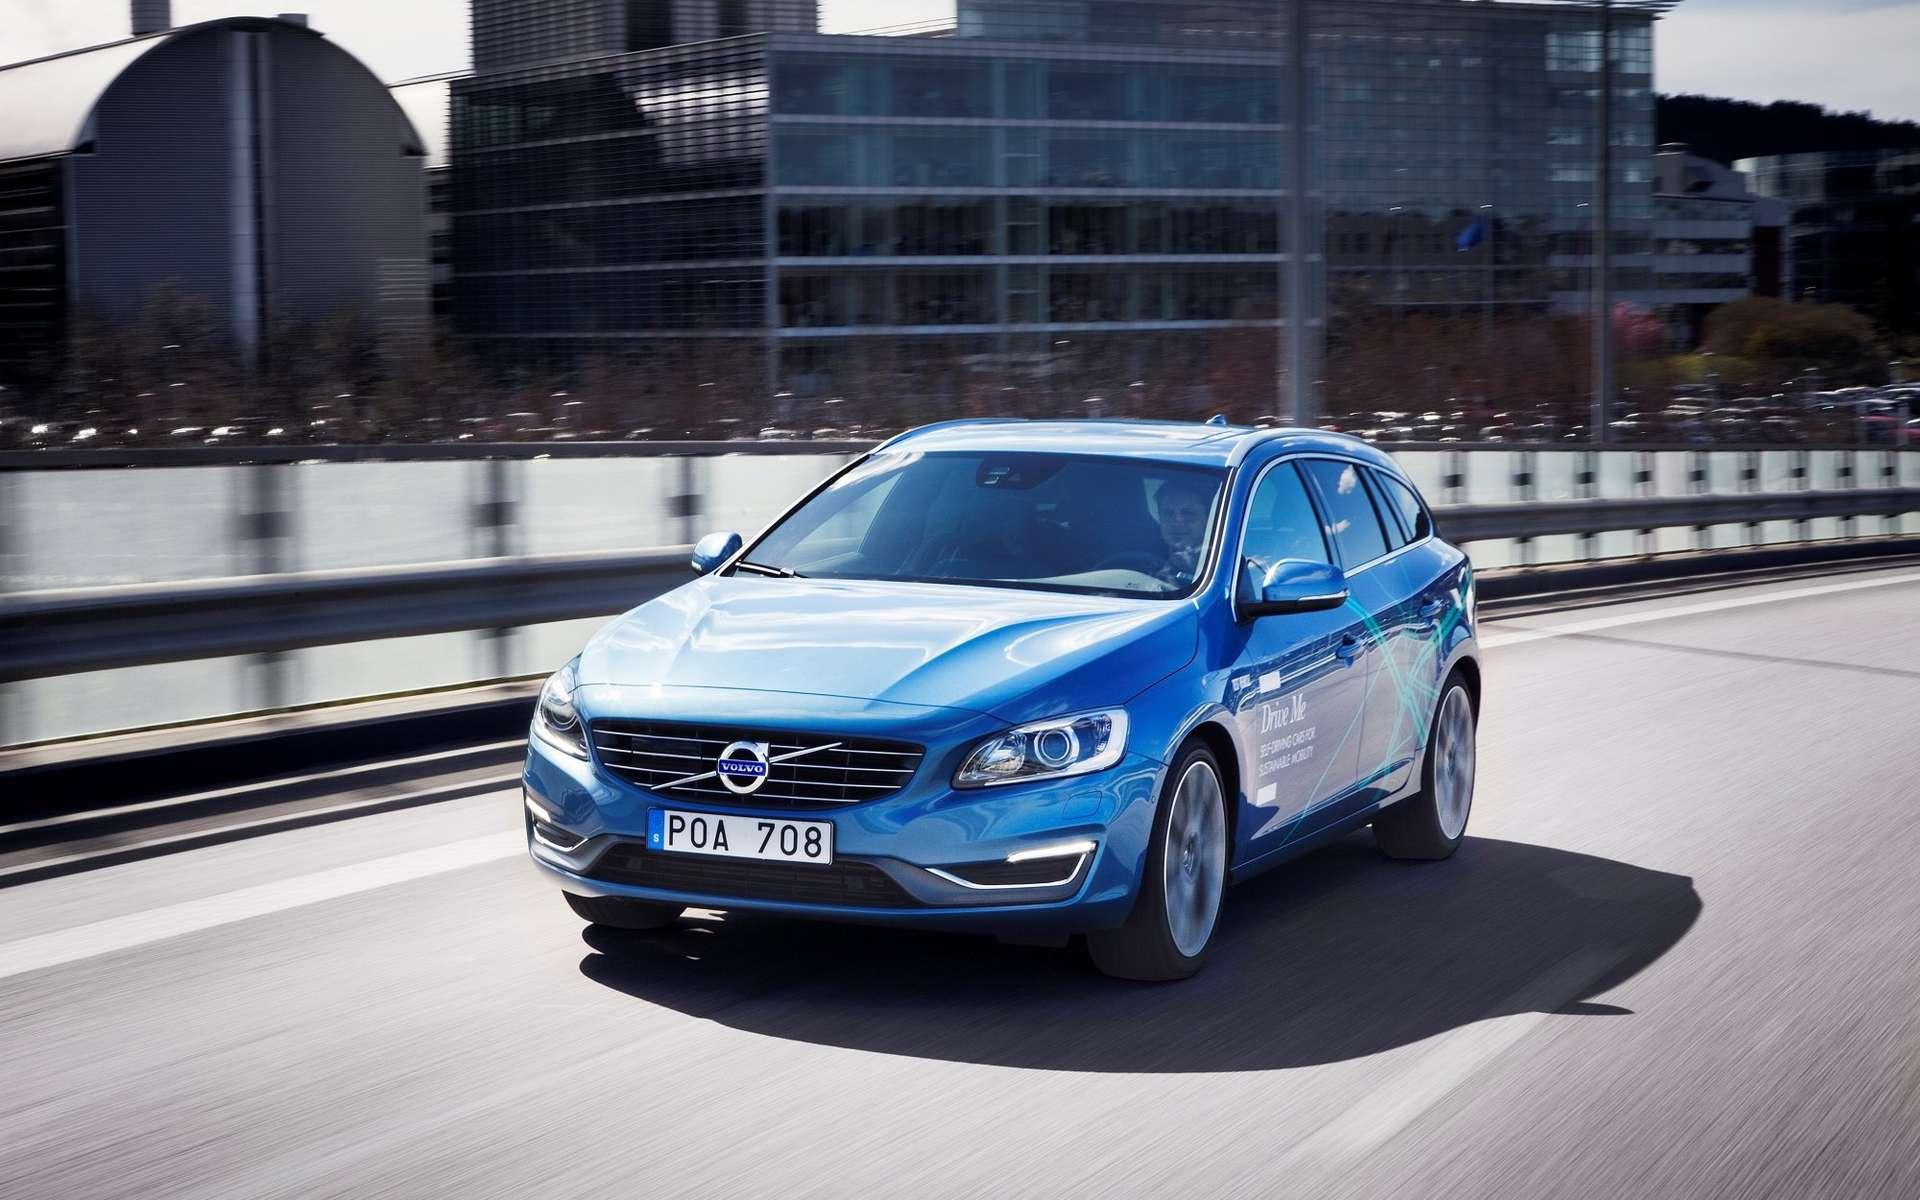 Des voitures Volvo autonomes devraient commencer à rouler en Suède en 2017. © Volvo